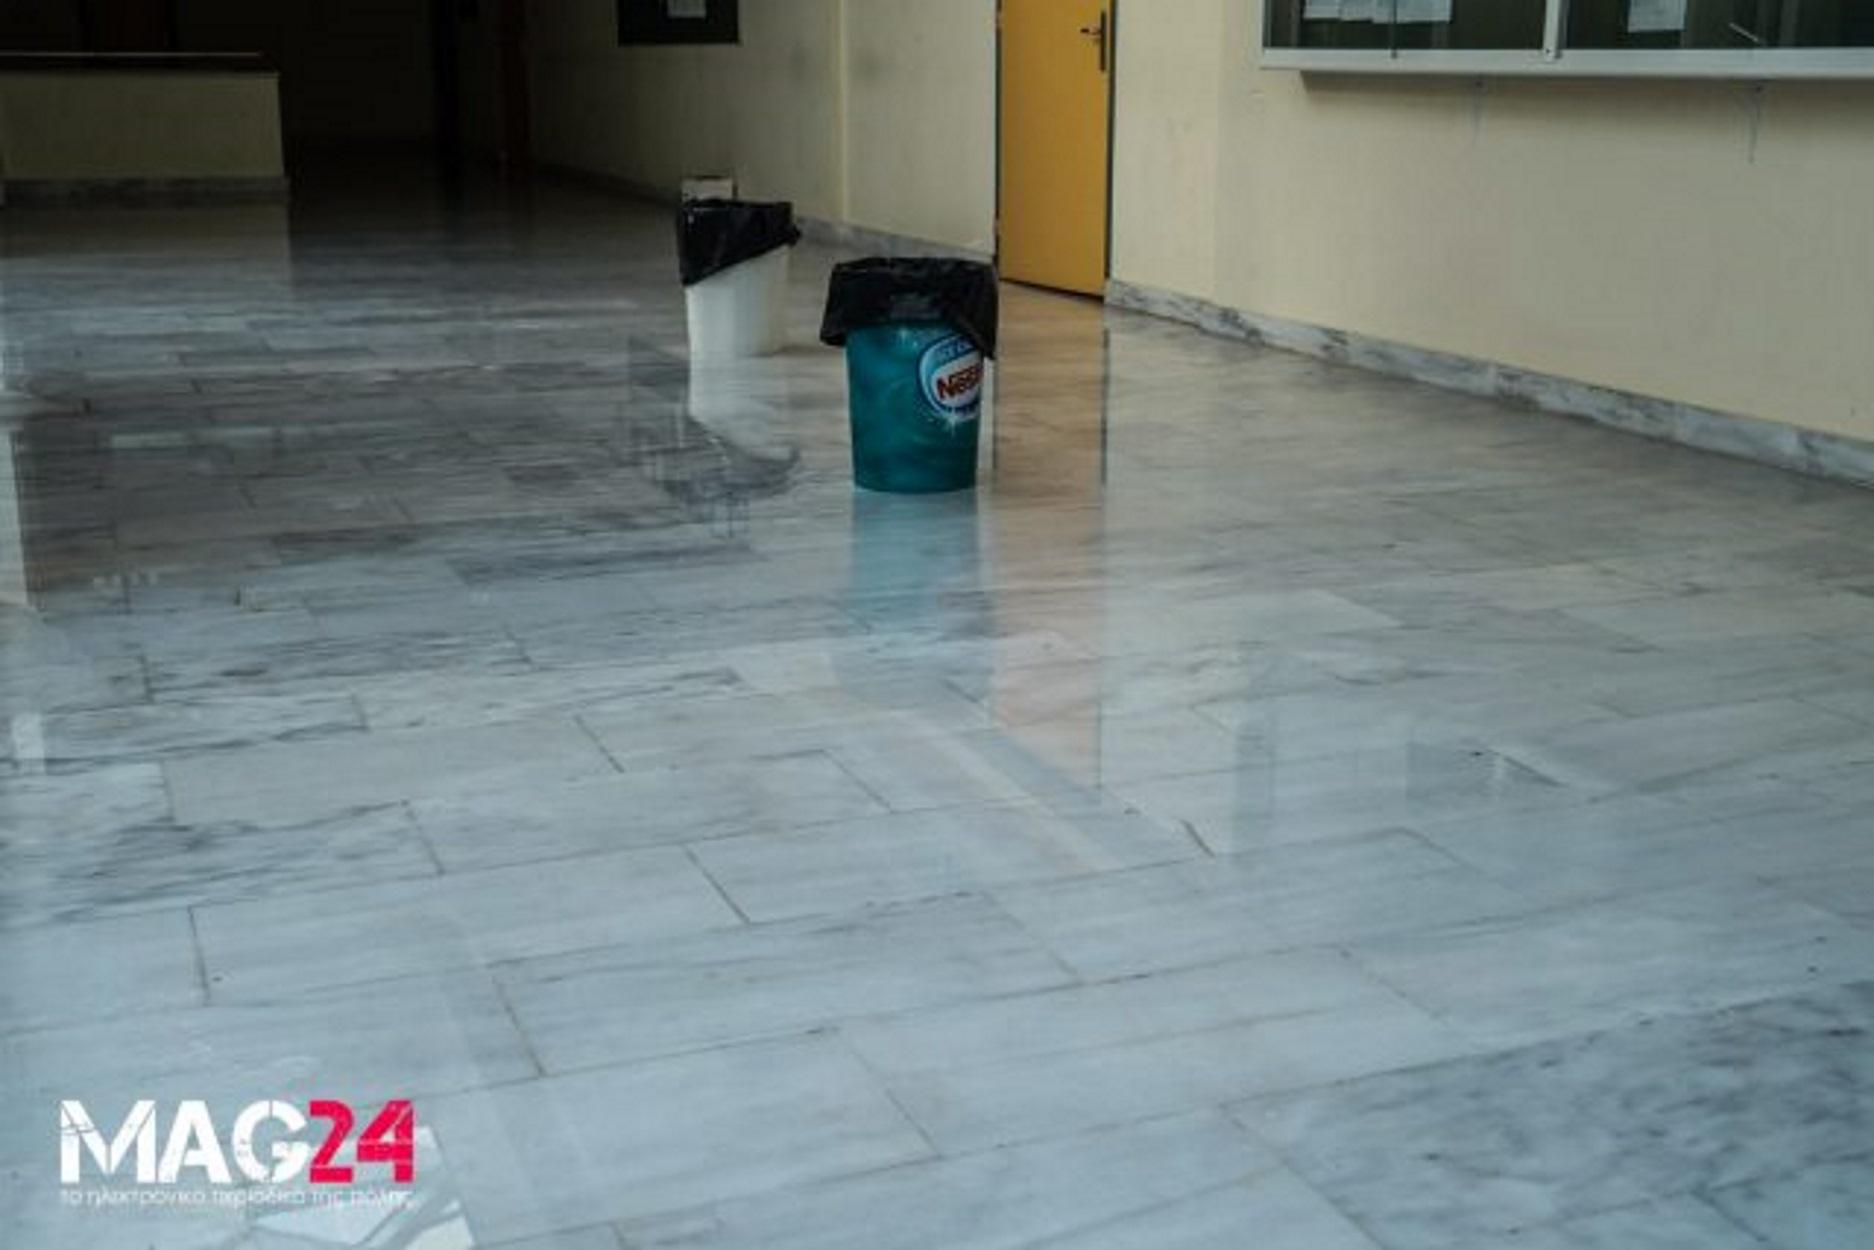 Πλημμύρισε το πανεπιστήμιο Θεσσαλίας στη Λαμία! Τριτοκοσμικές εικόνες! [pics, video]